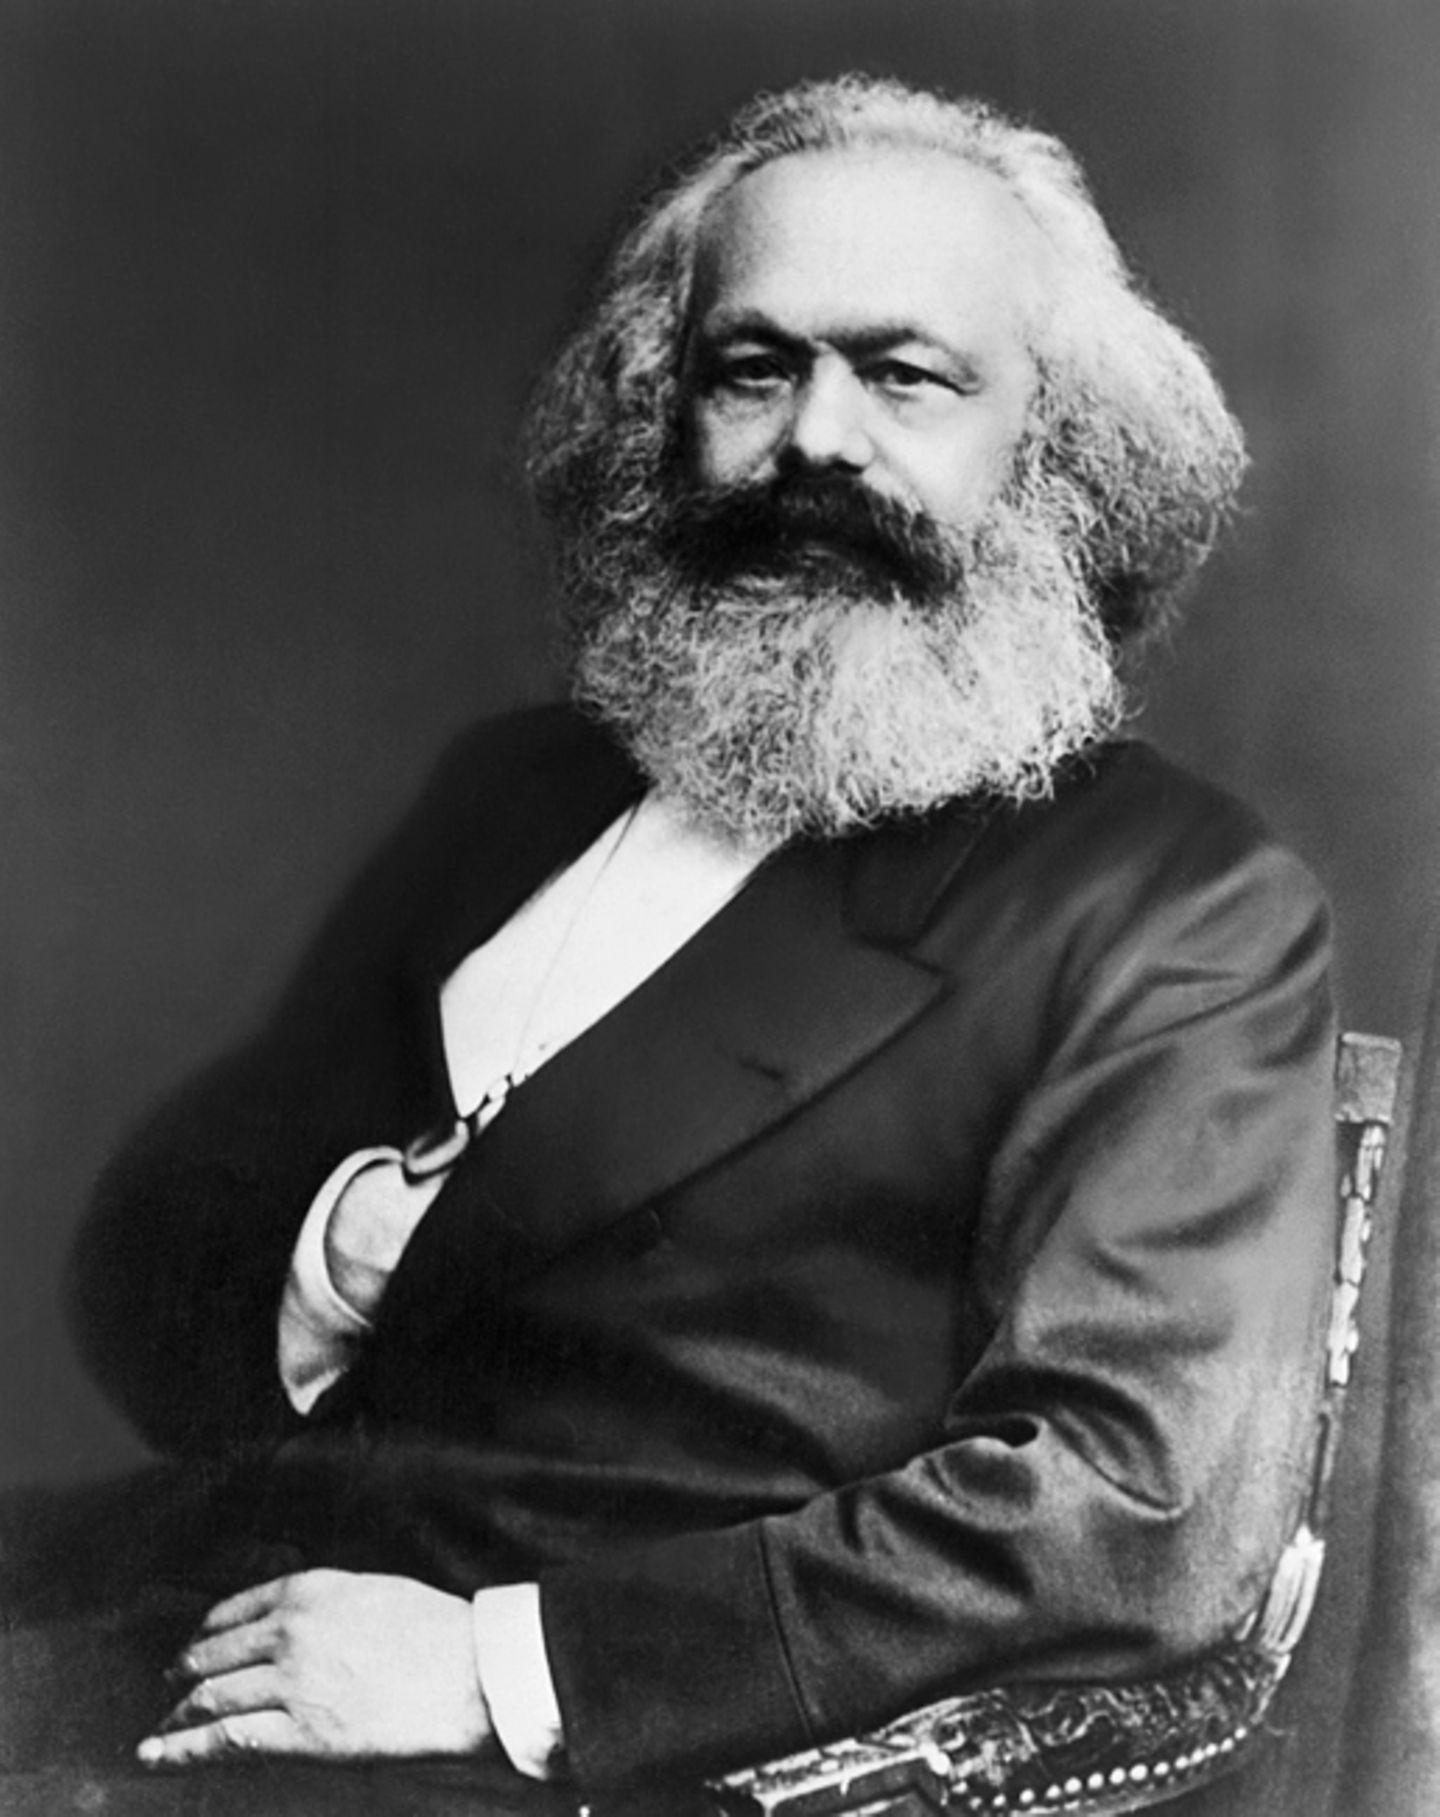 Biografie: Karl Marx ist der Begründer des Kommunismus